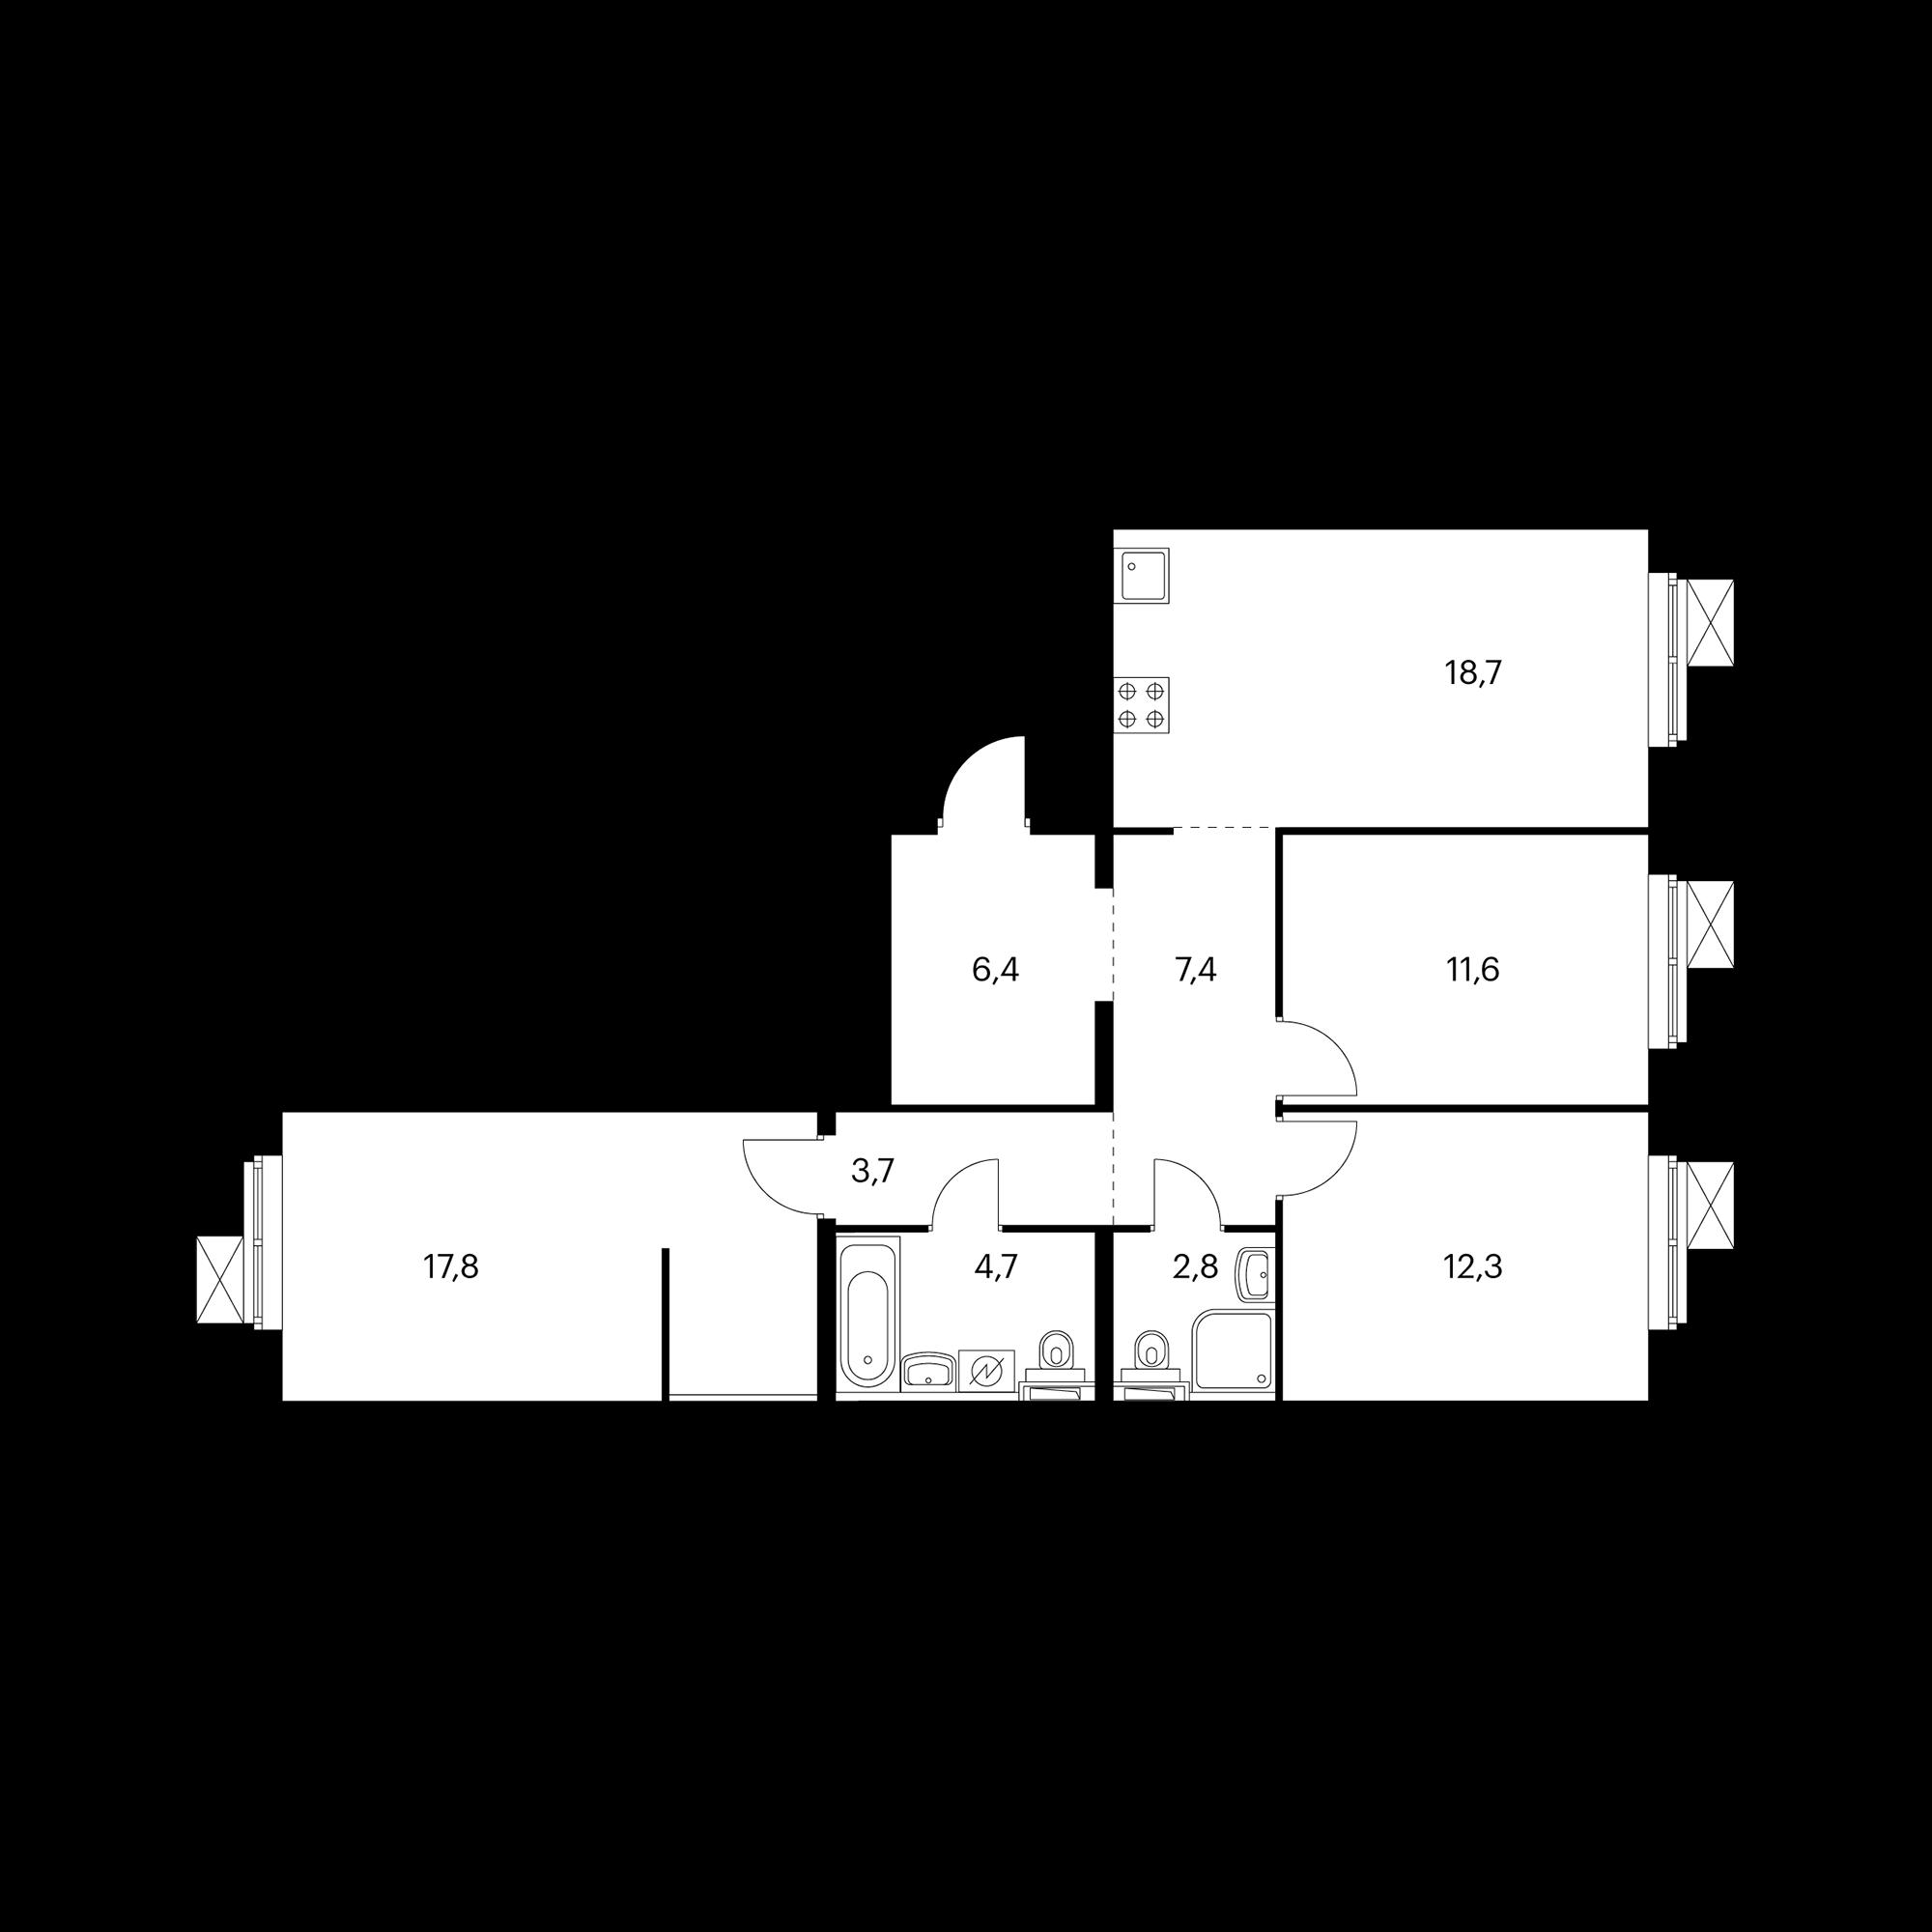 3EL3_9.6-1_S_Z